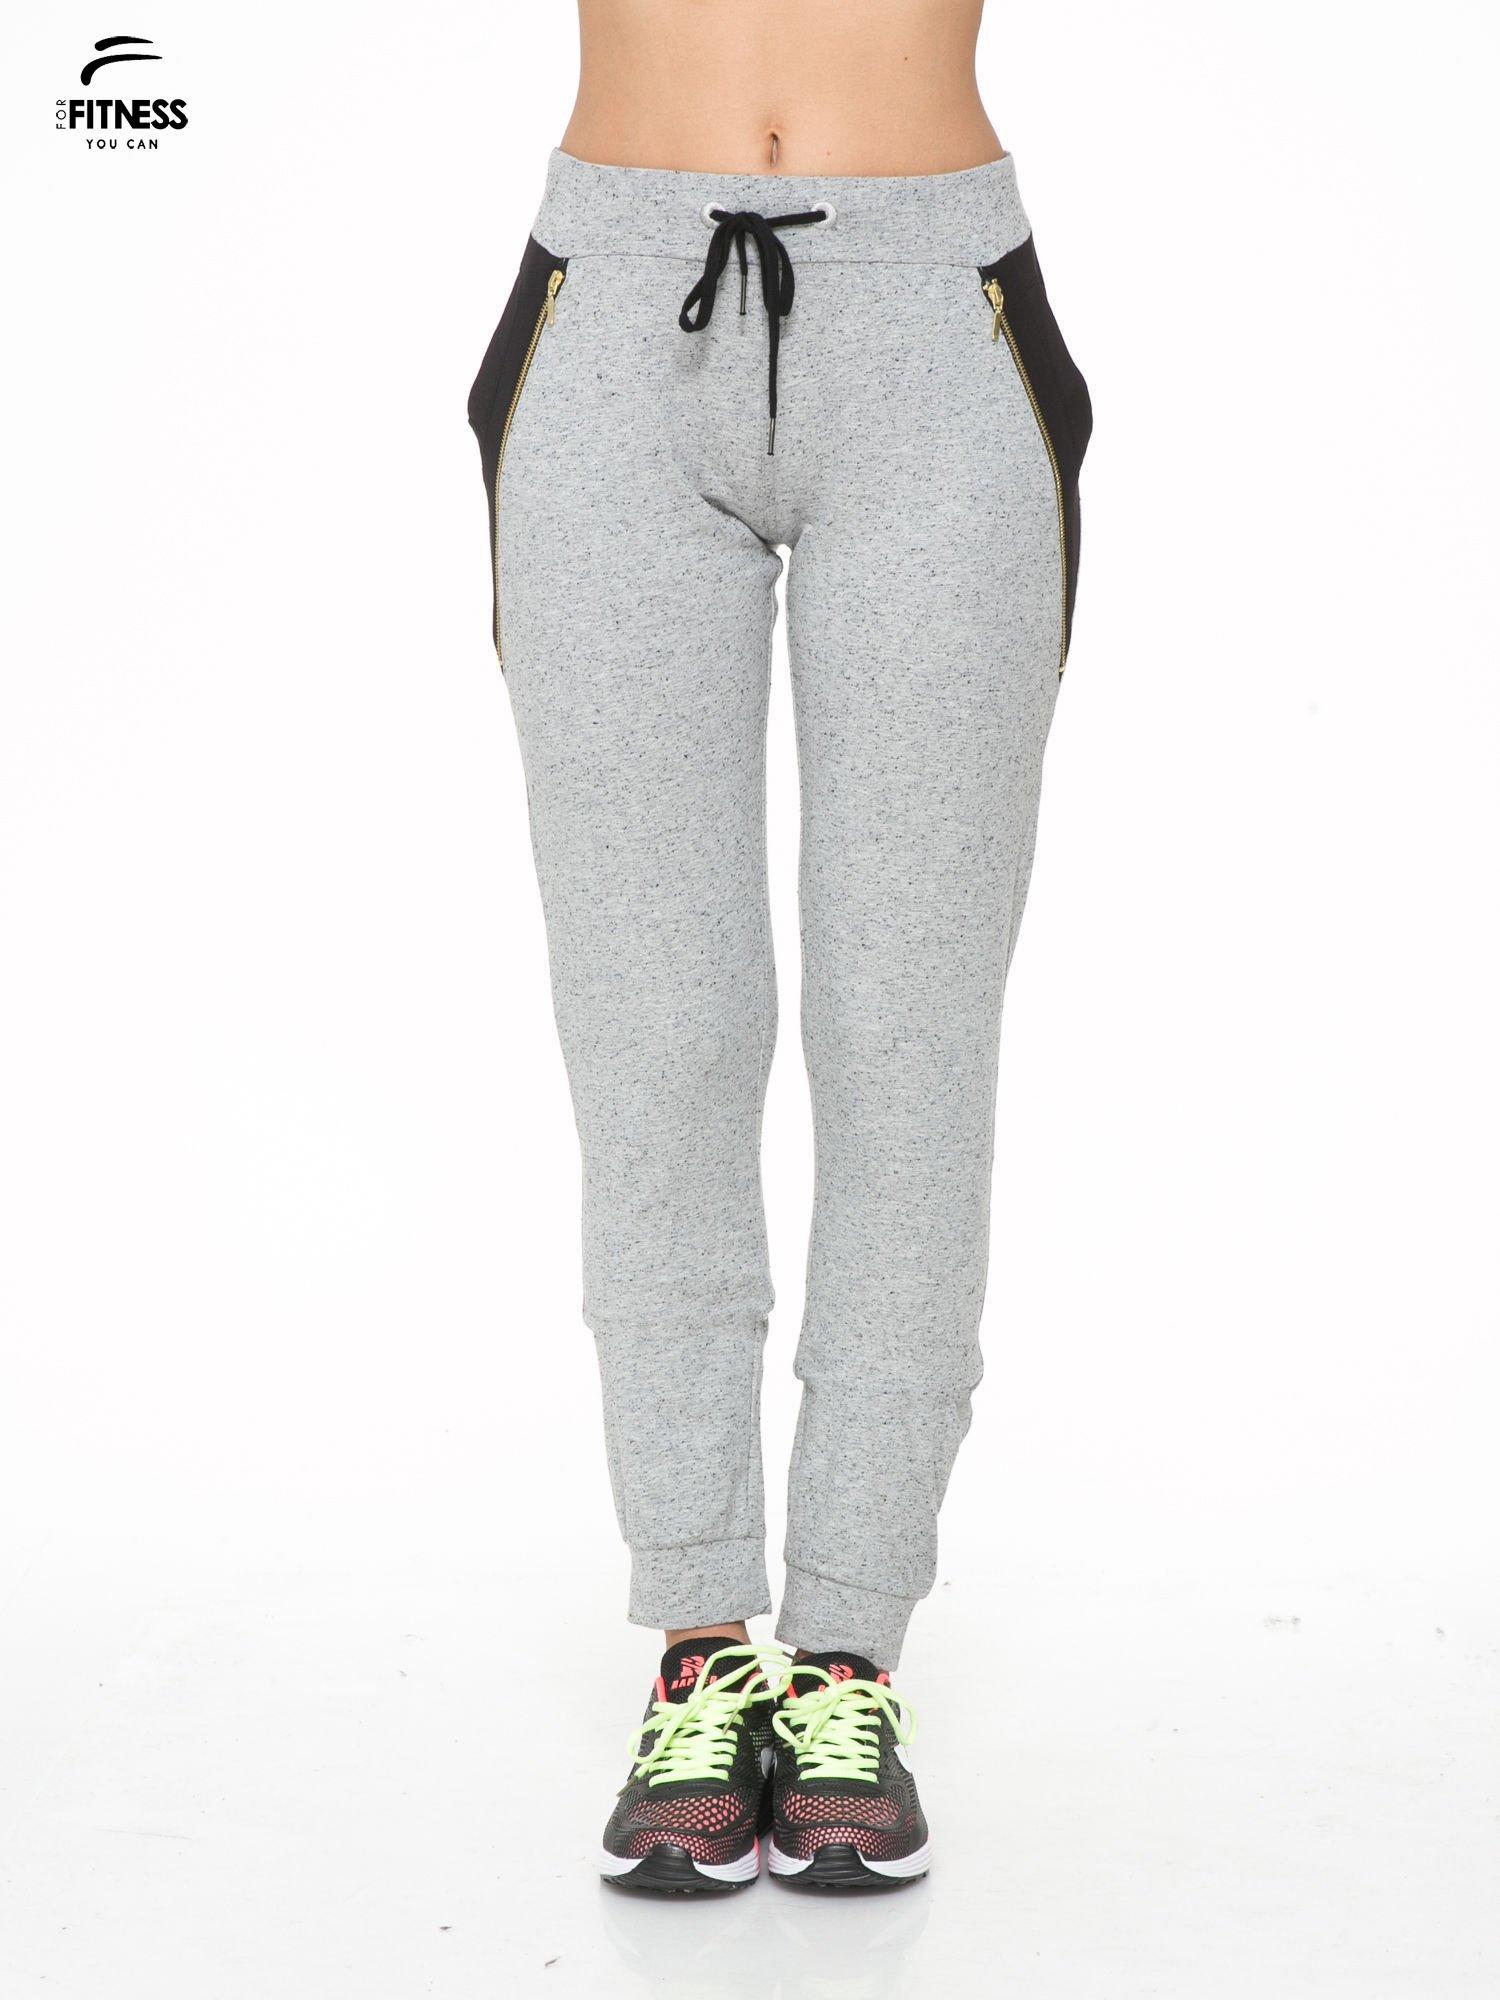 Szare spodnie dresowe damskie z suwakiem i kontrastowymi wstawkami po bokach                                  zdj.                                  1